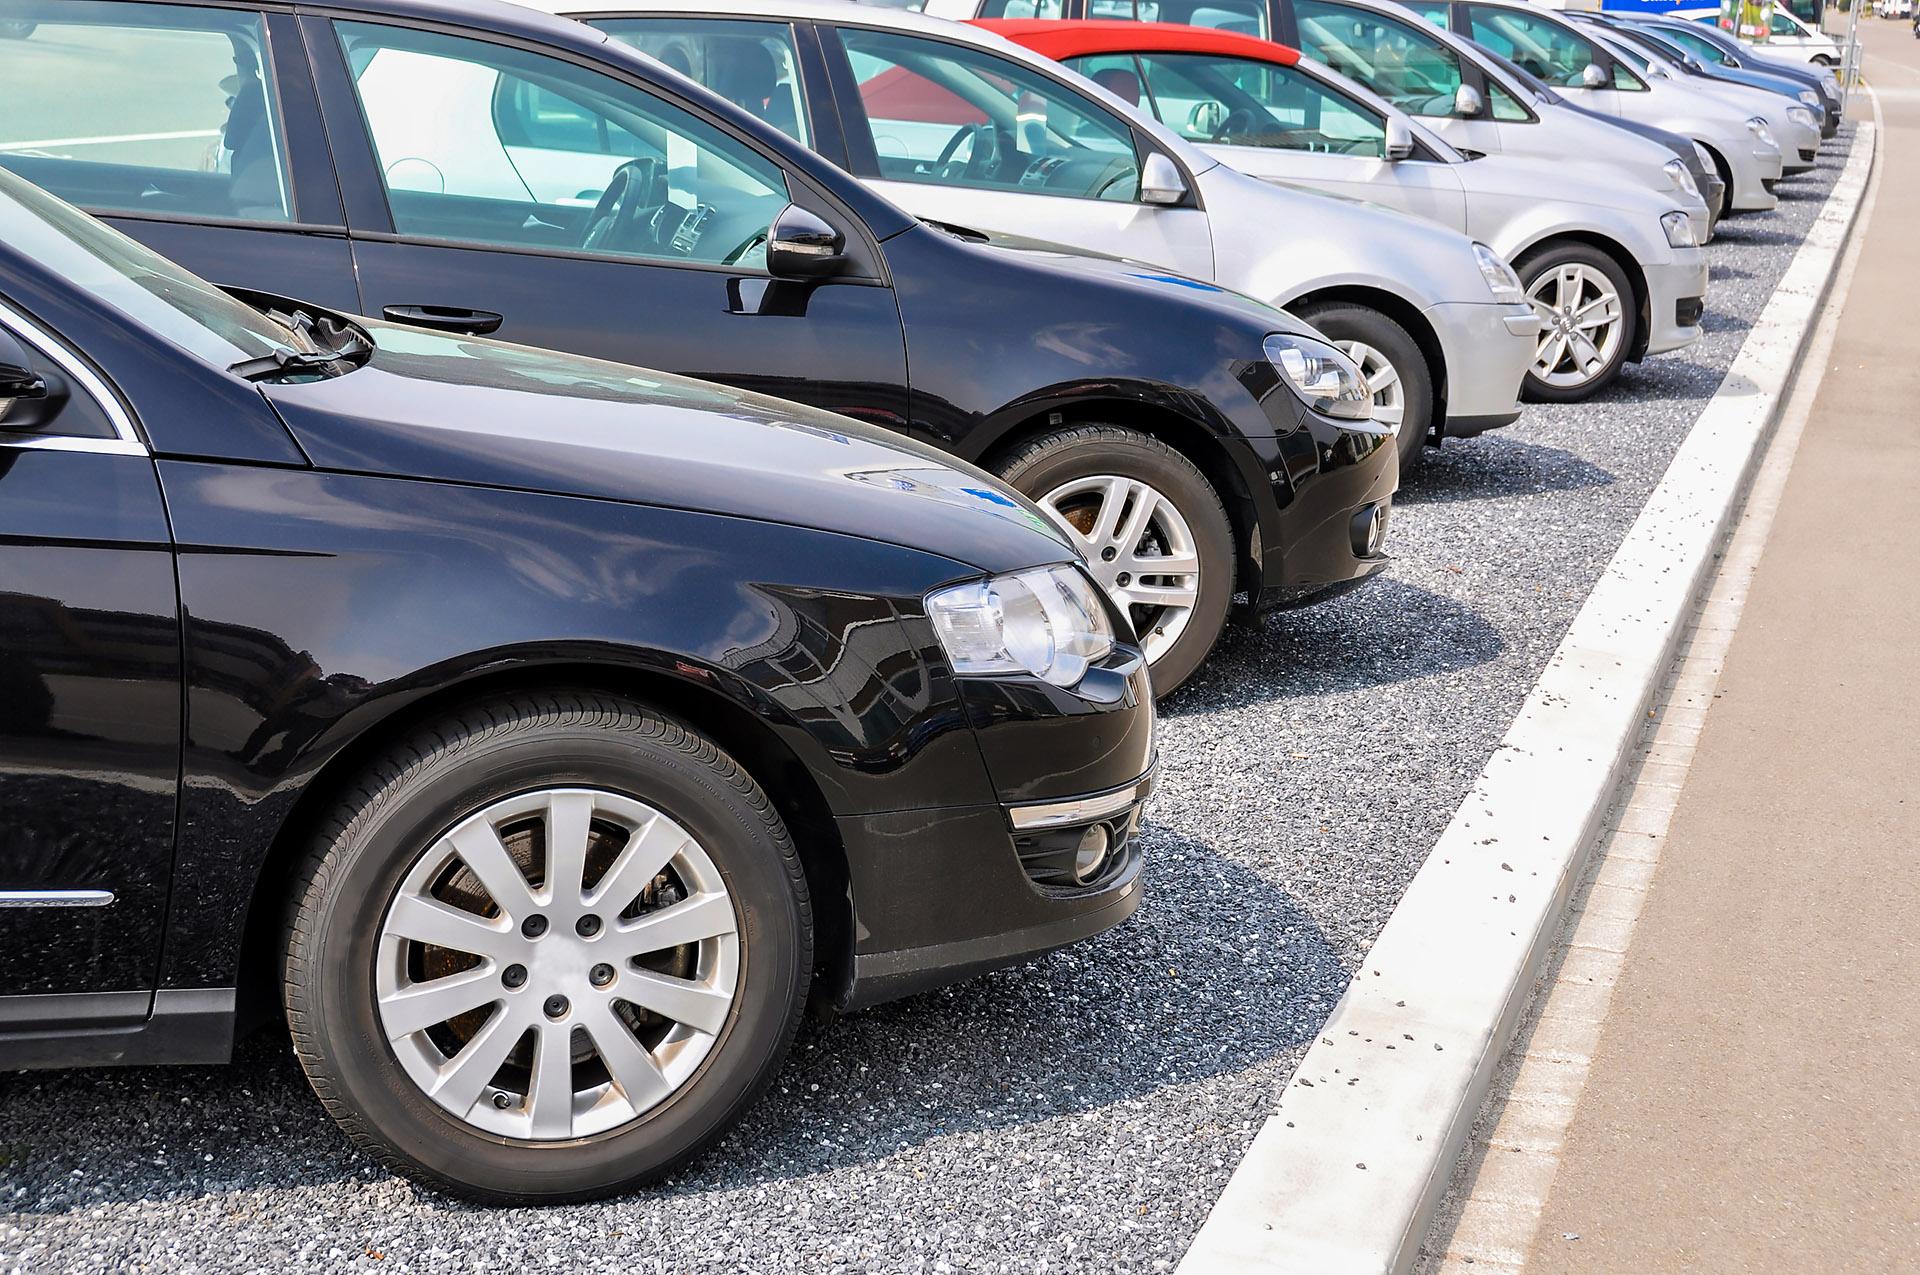 Import samochodów używanych także wiąże się z poważnymi obowiązkami związanymi z ochroną środowiska. Fot. Chroma Stock